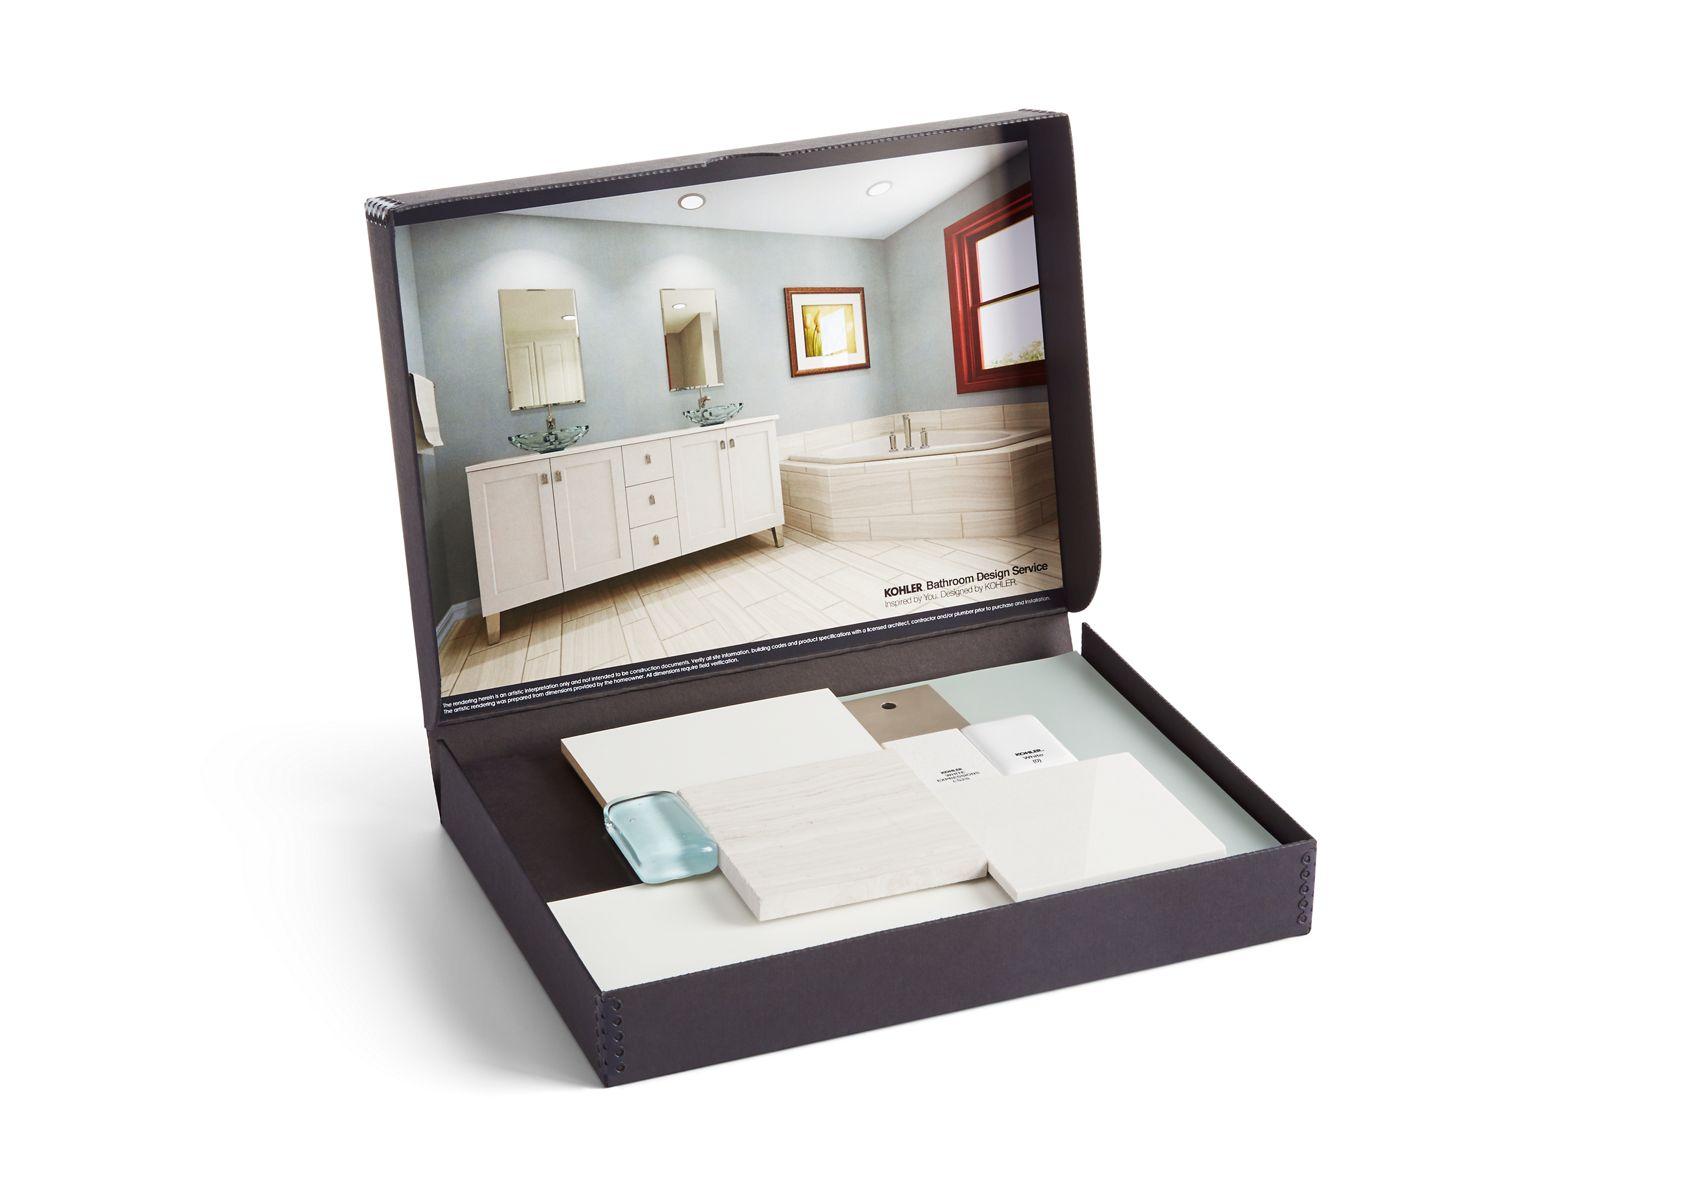 Free Bathroom Design Software Affordable Software For D Bathroom Design With Free Bathroom